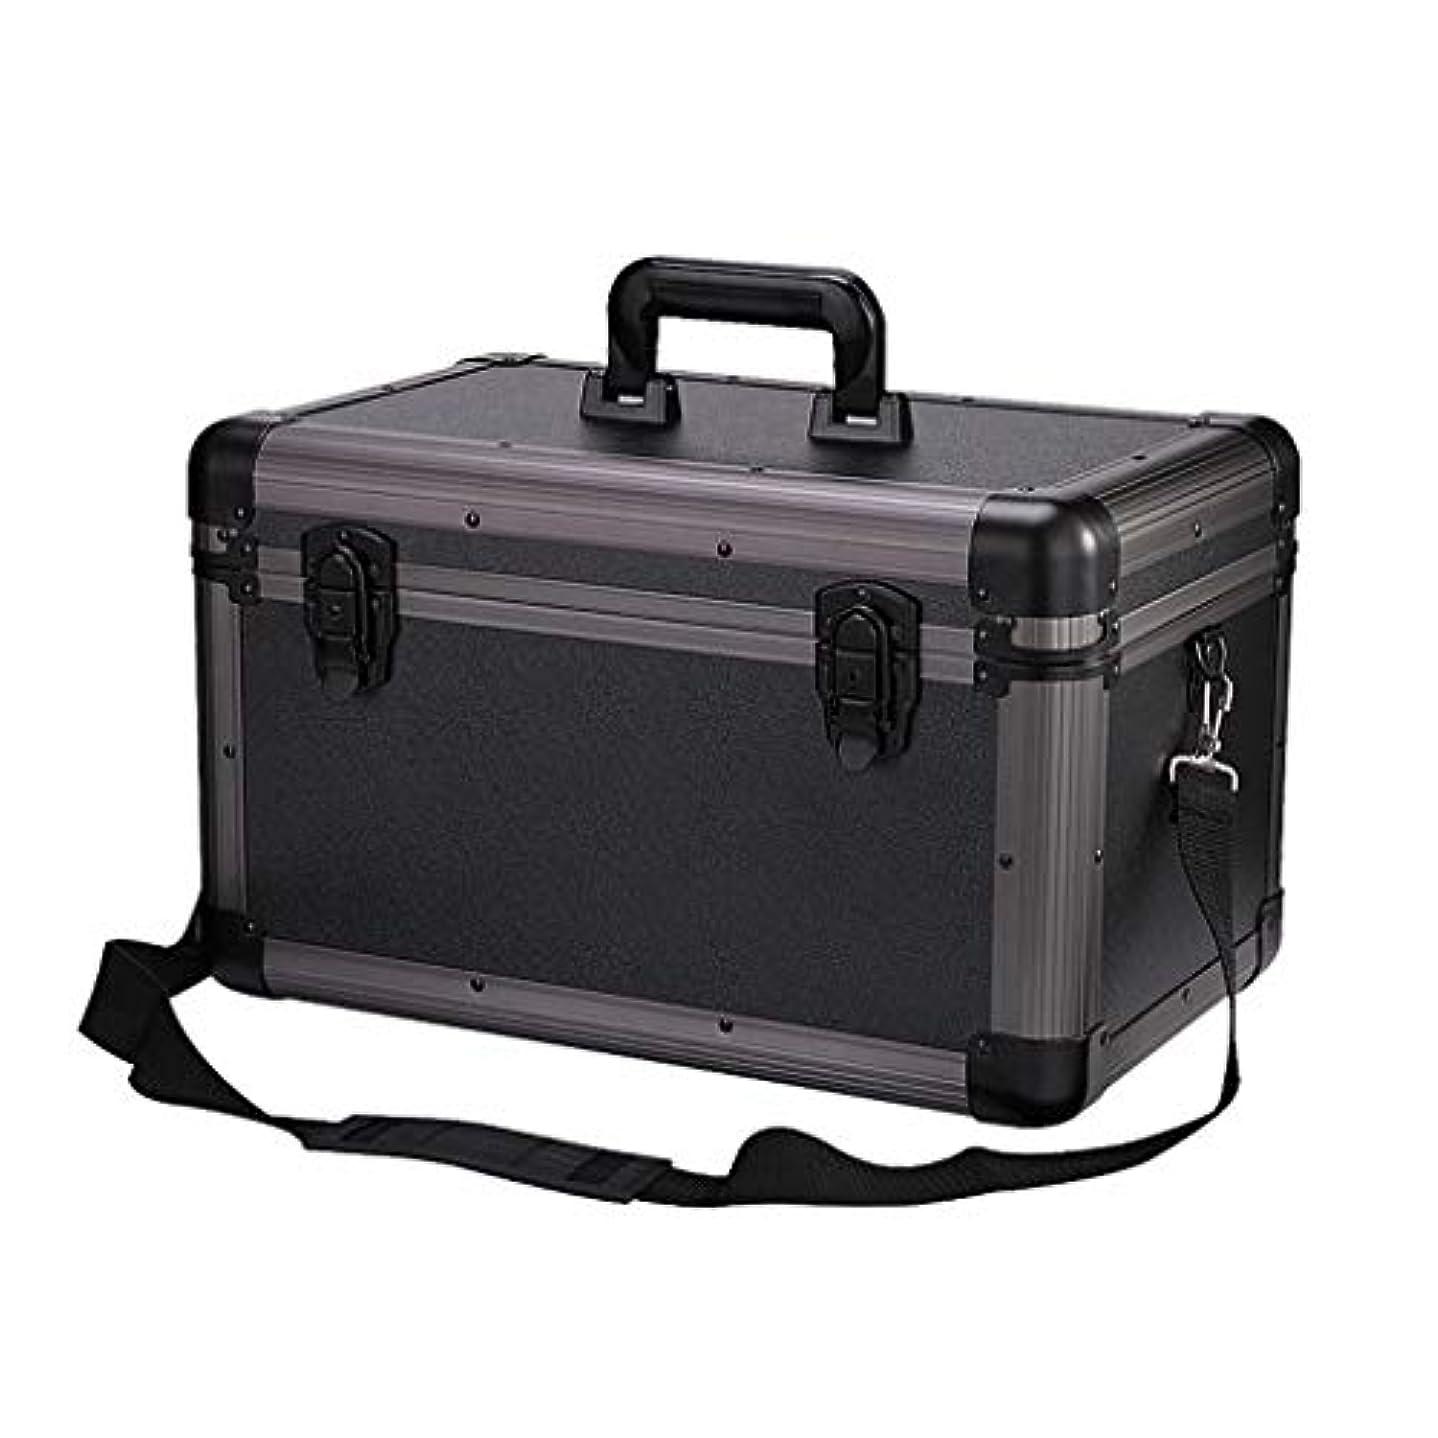 好色なアリ教義NYDZDM 家庭用医療箱、2層健康応急処置ケース、金属緊急キット収納ボックス、ロック応急処置キット (Color : Black)